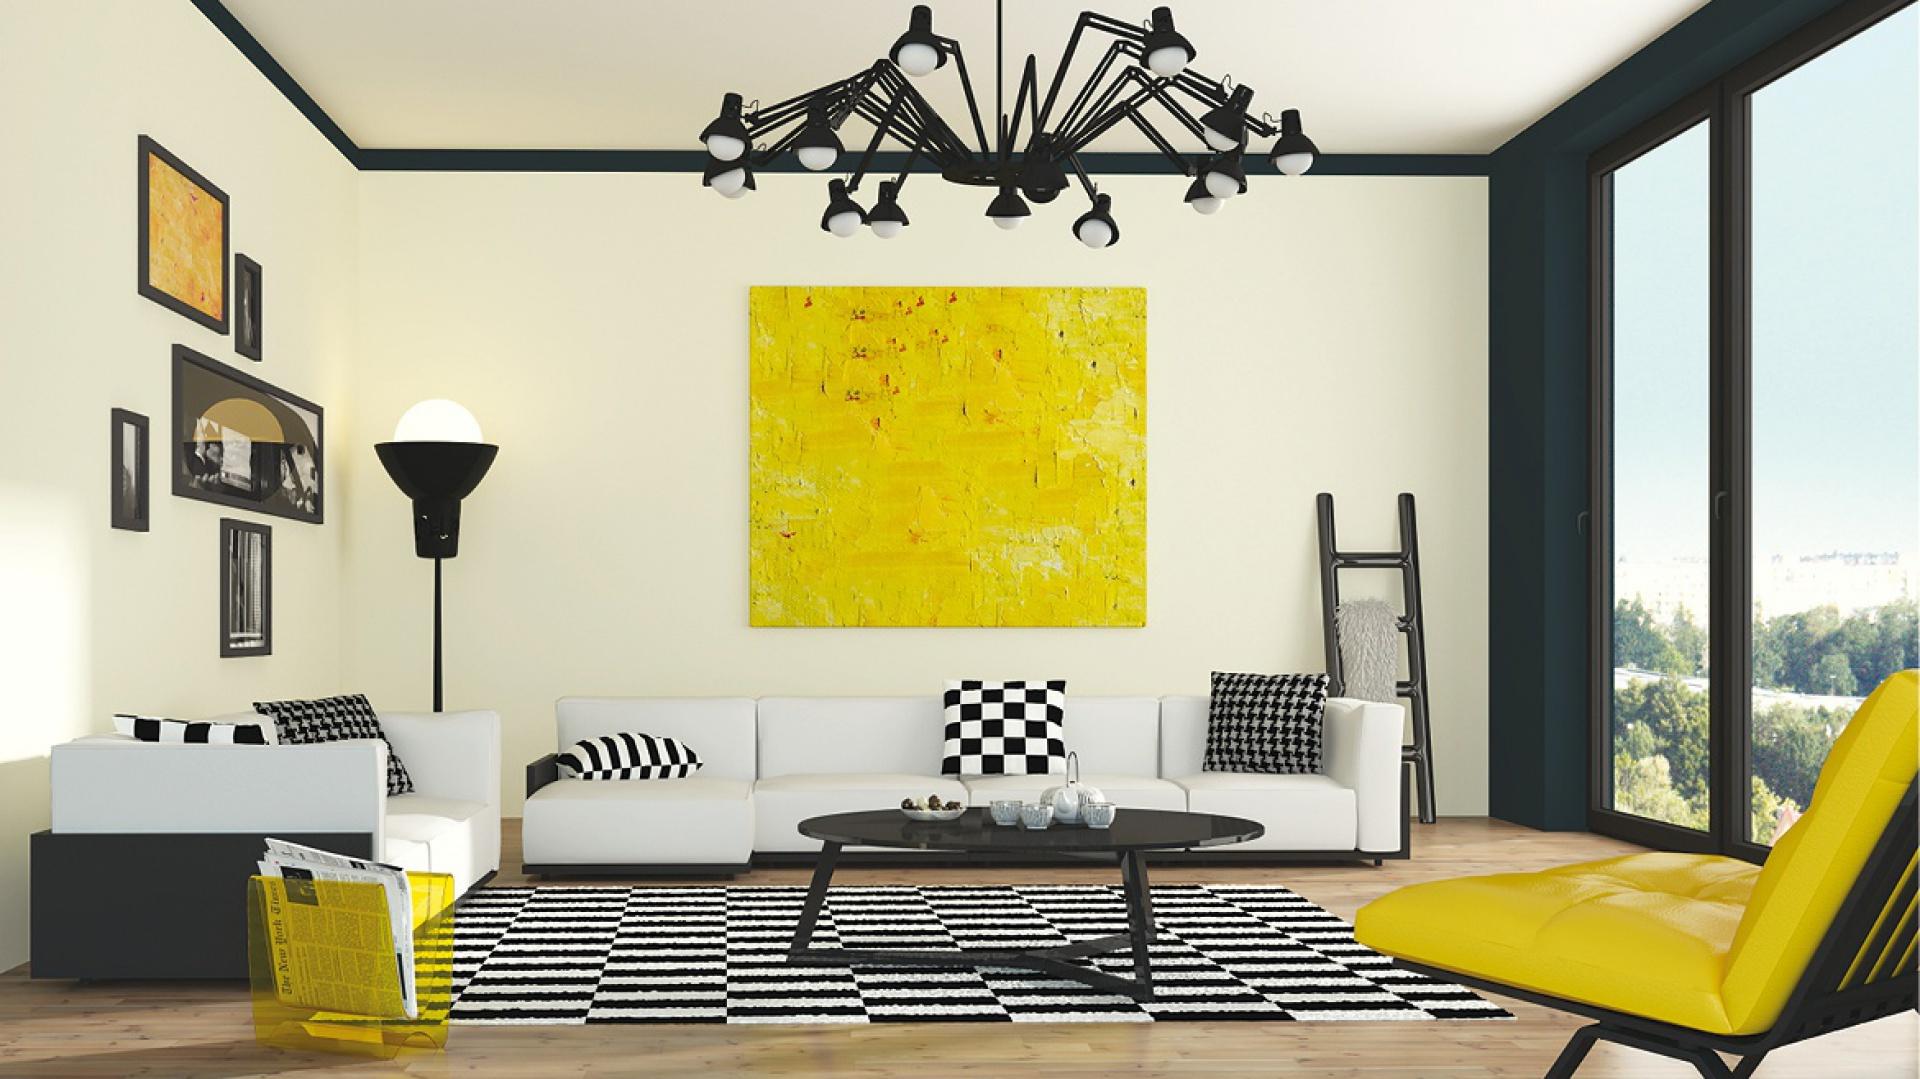 Modna propozycja marki Śnieżka - jasne kremowe ściany zestawione z ciemnym grafitem i ożywione mocną żółcią. Fot. Śnieżka.